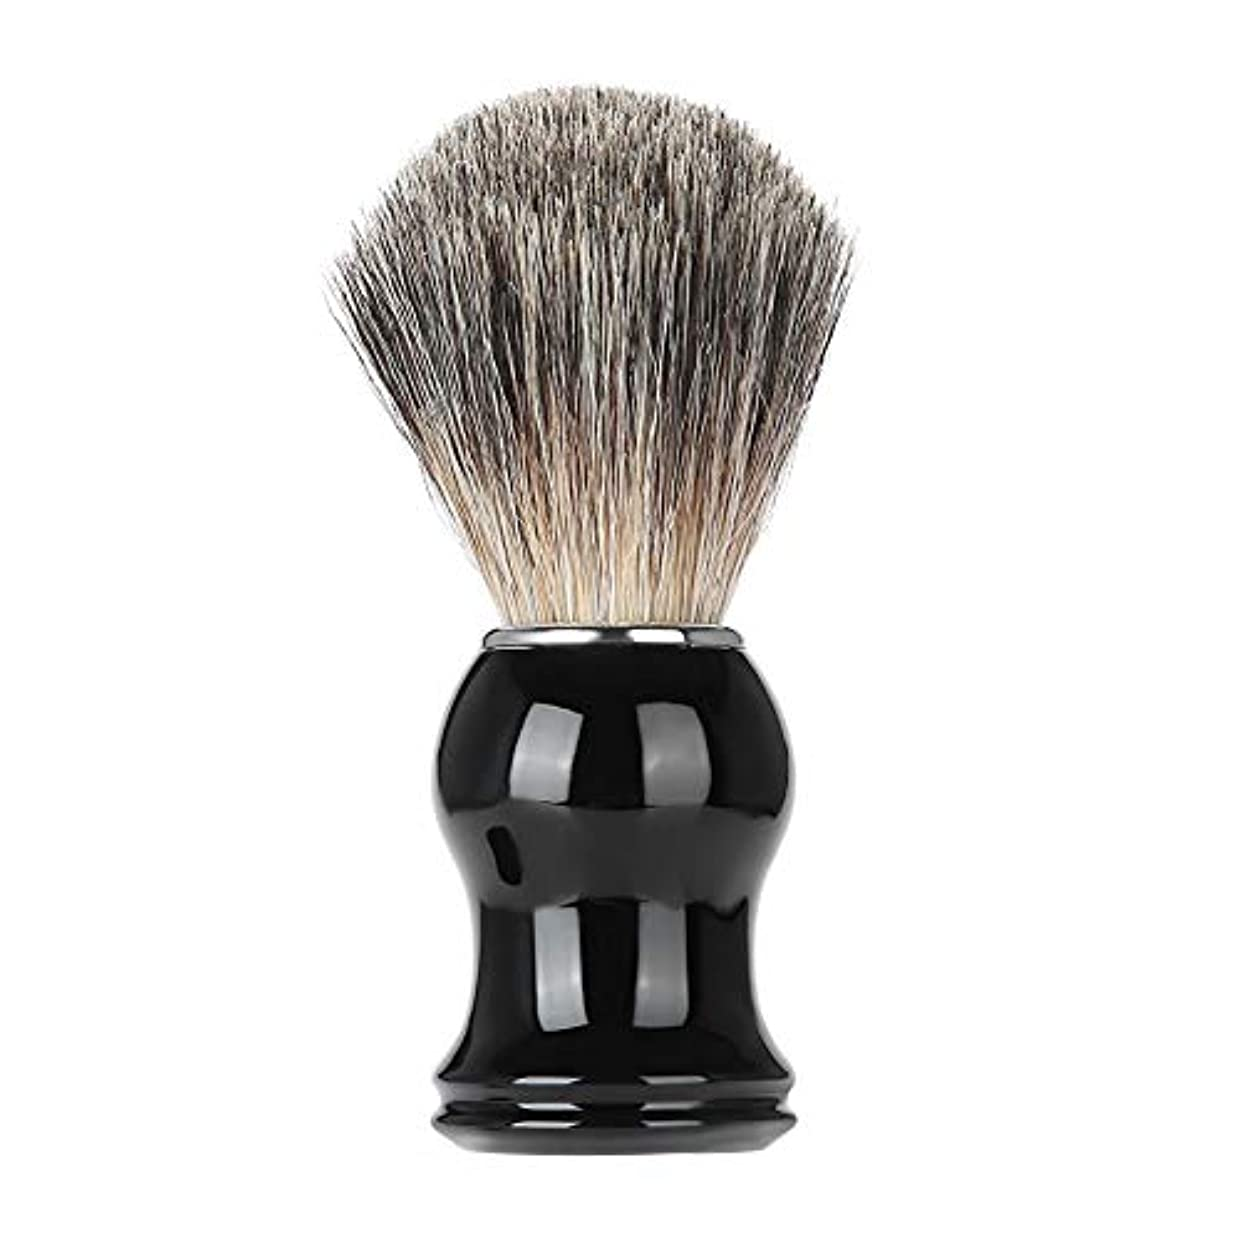 ラケット調停するブリーフケースシェービングブラシ男性髭口ひげ剃毛ブラシ樹脂ハンドル髭剃りツール